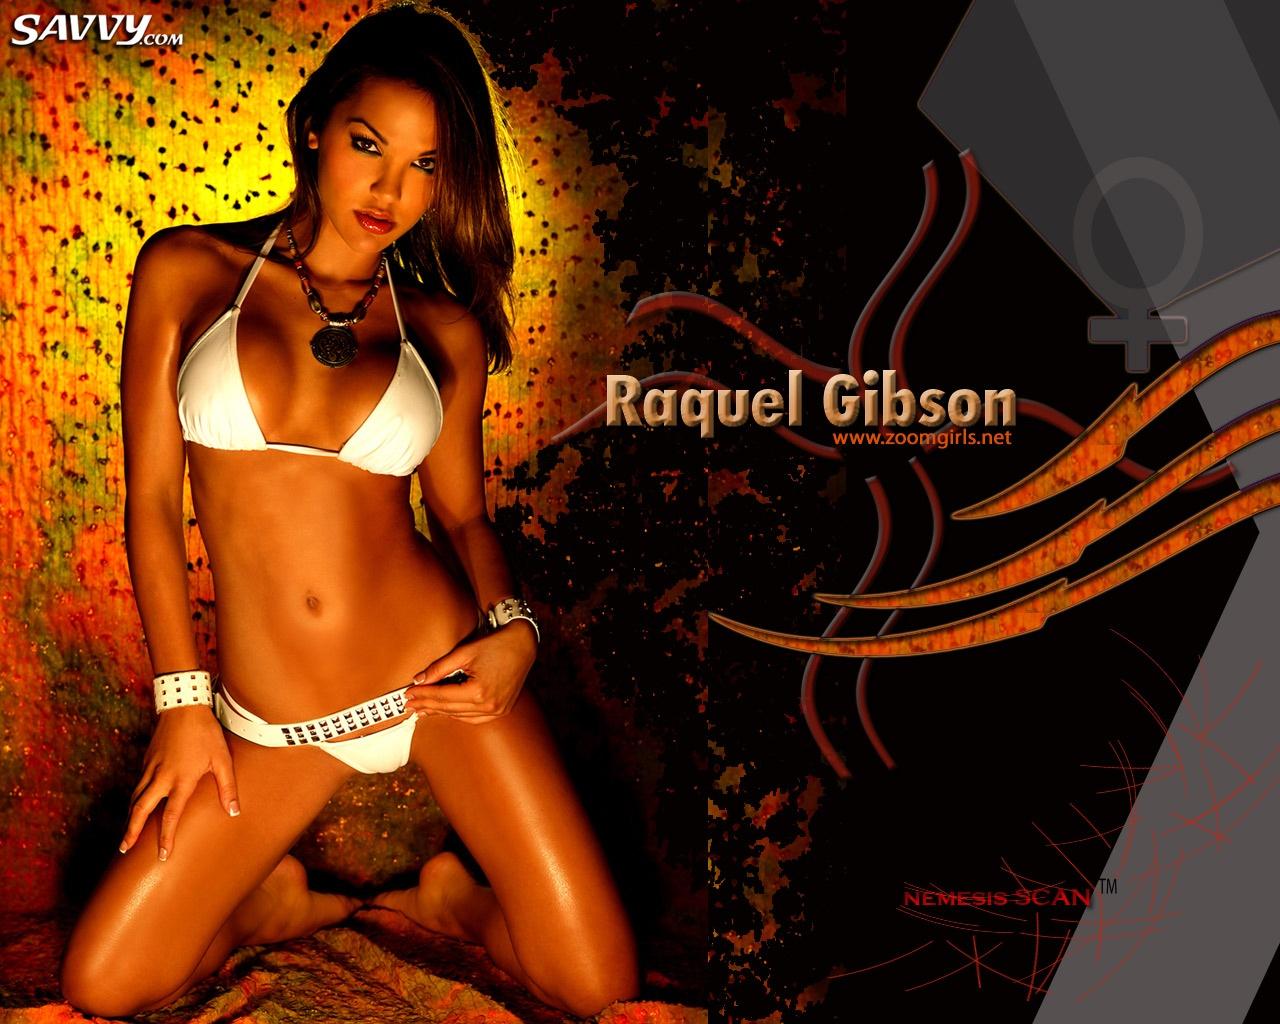 Raquel Gibson обои, картинки, фото.